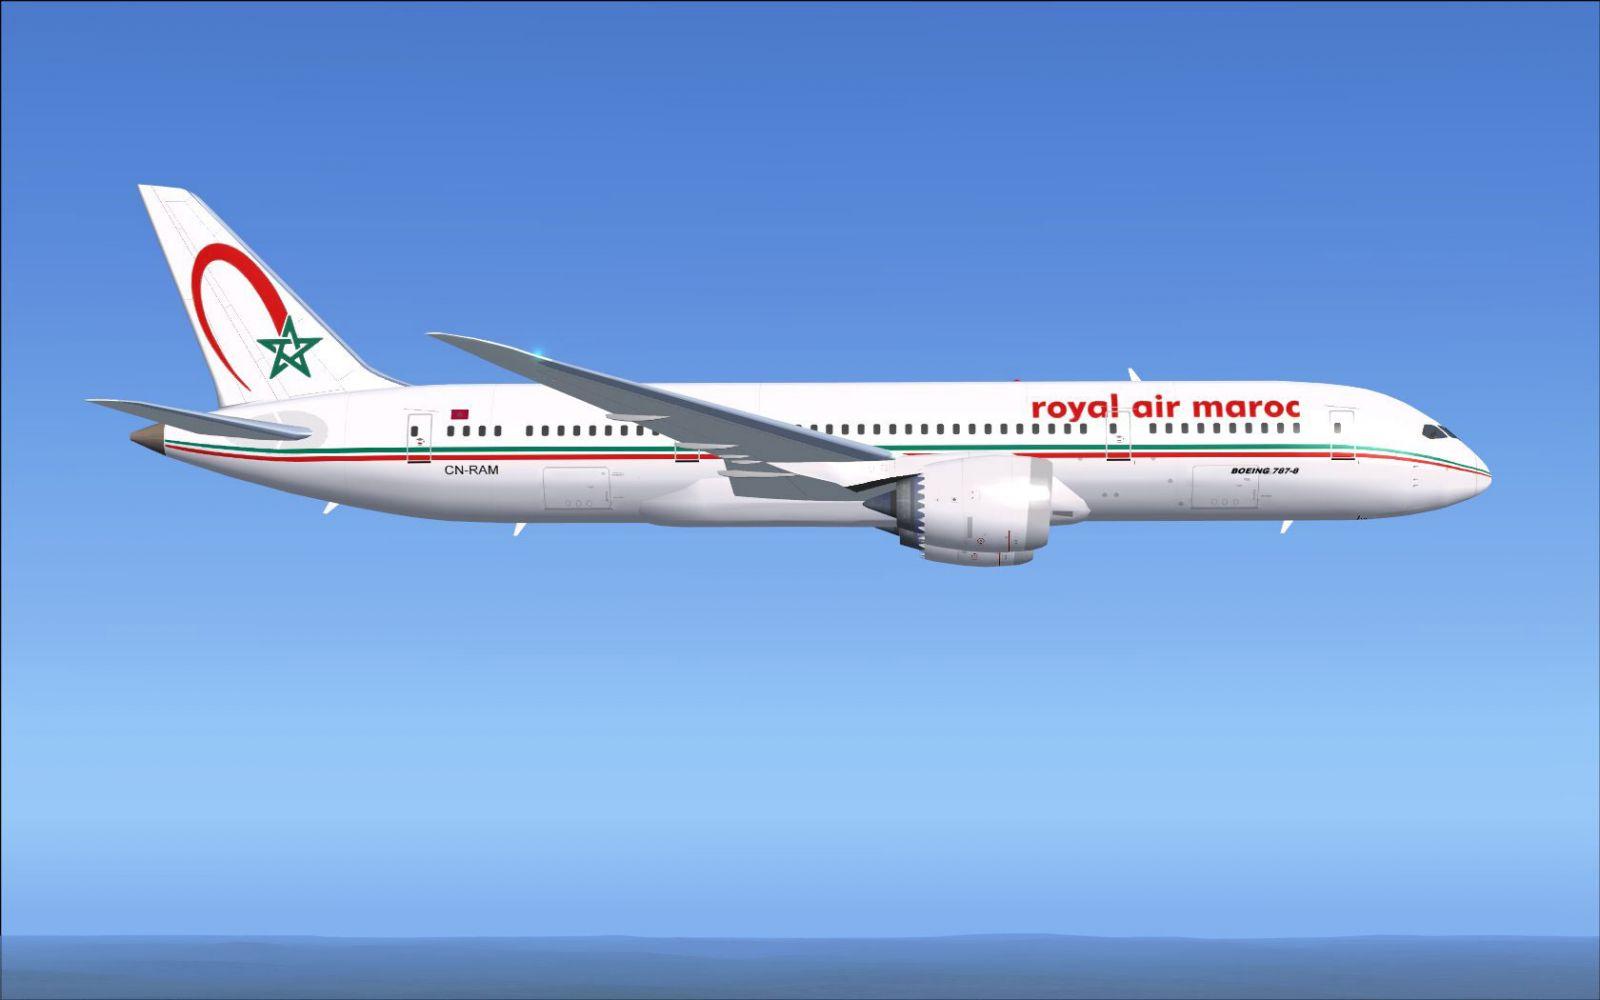 Royal Air Maroc primée pour la qualité de son service -> Maroc New Tv